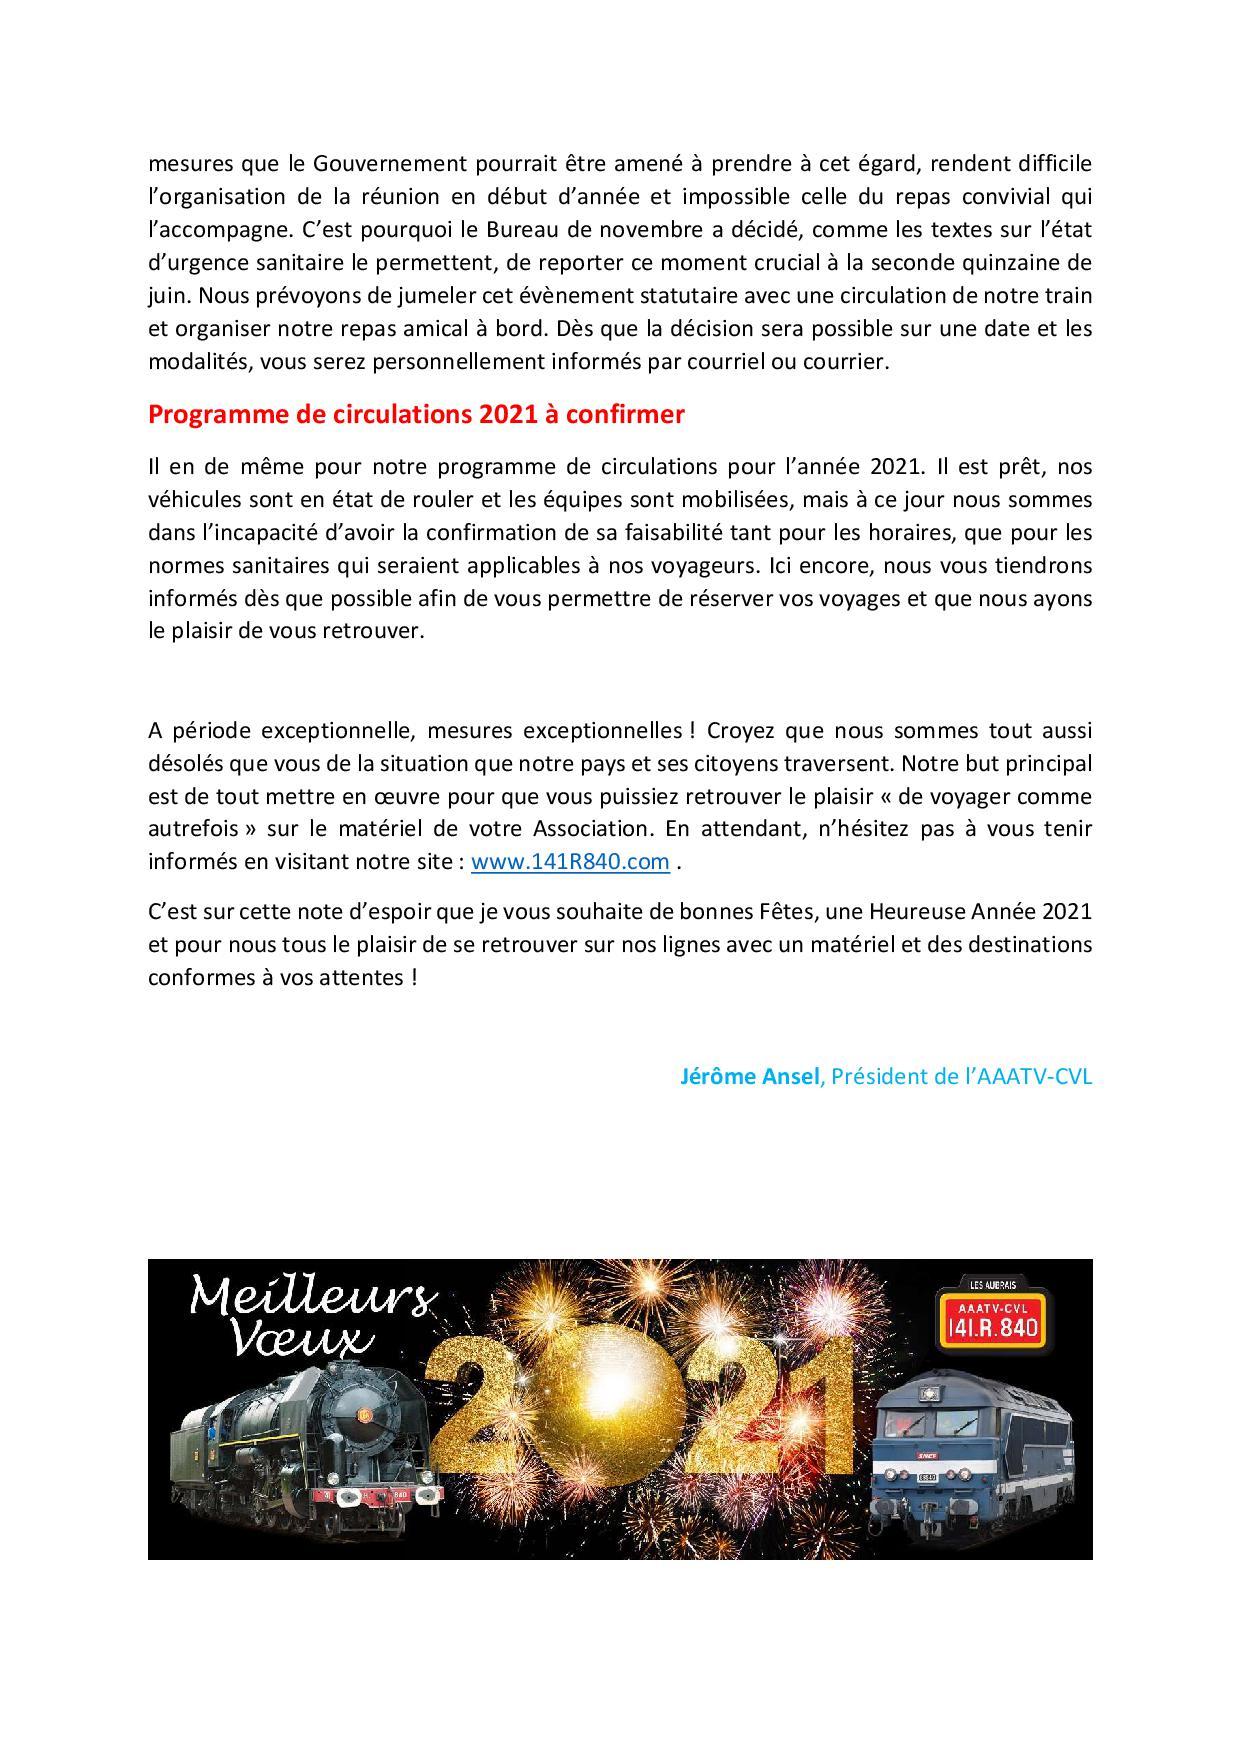 bulletin-information-decembre-20202.jpg